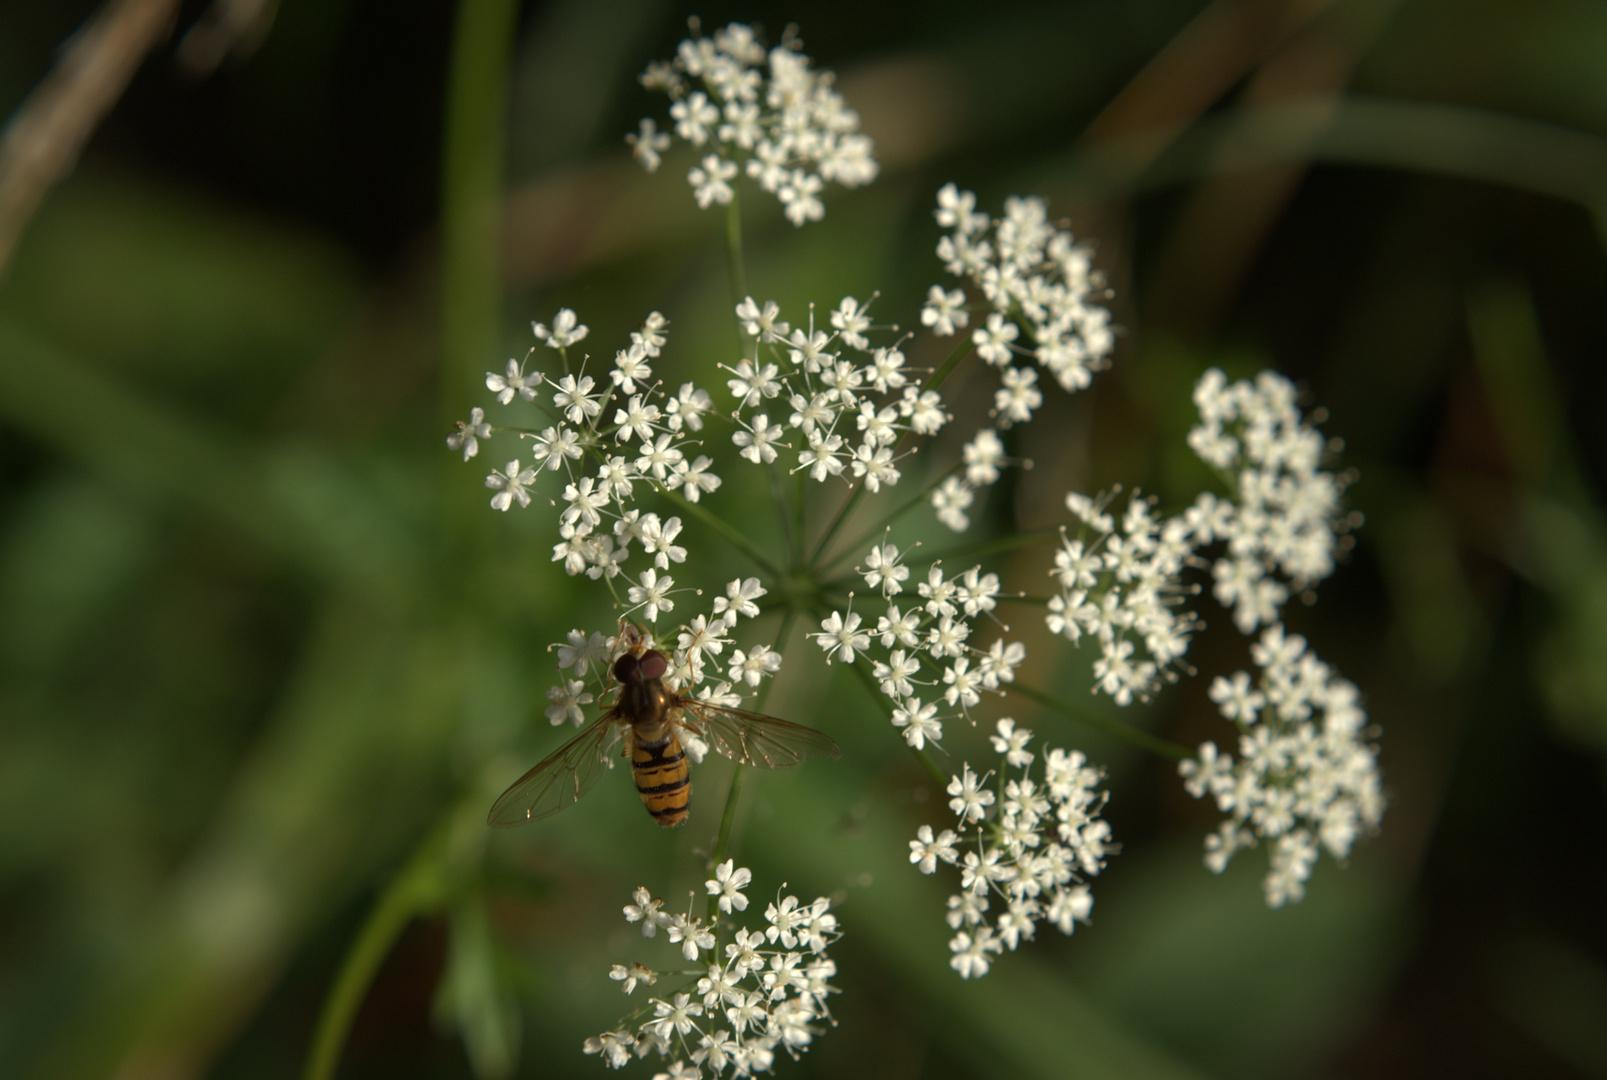 Landung auf Blüte